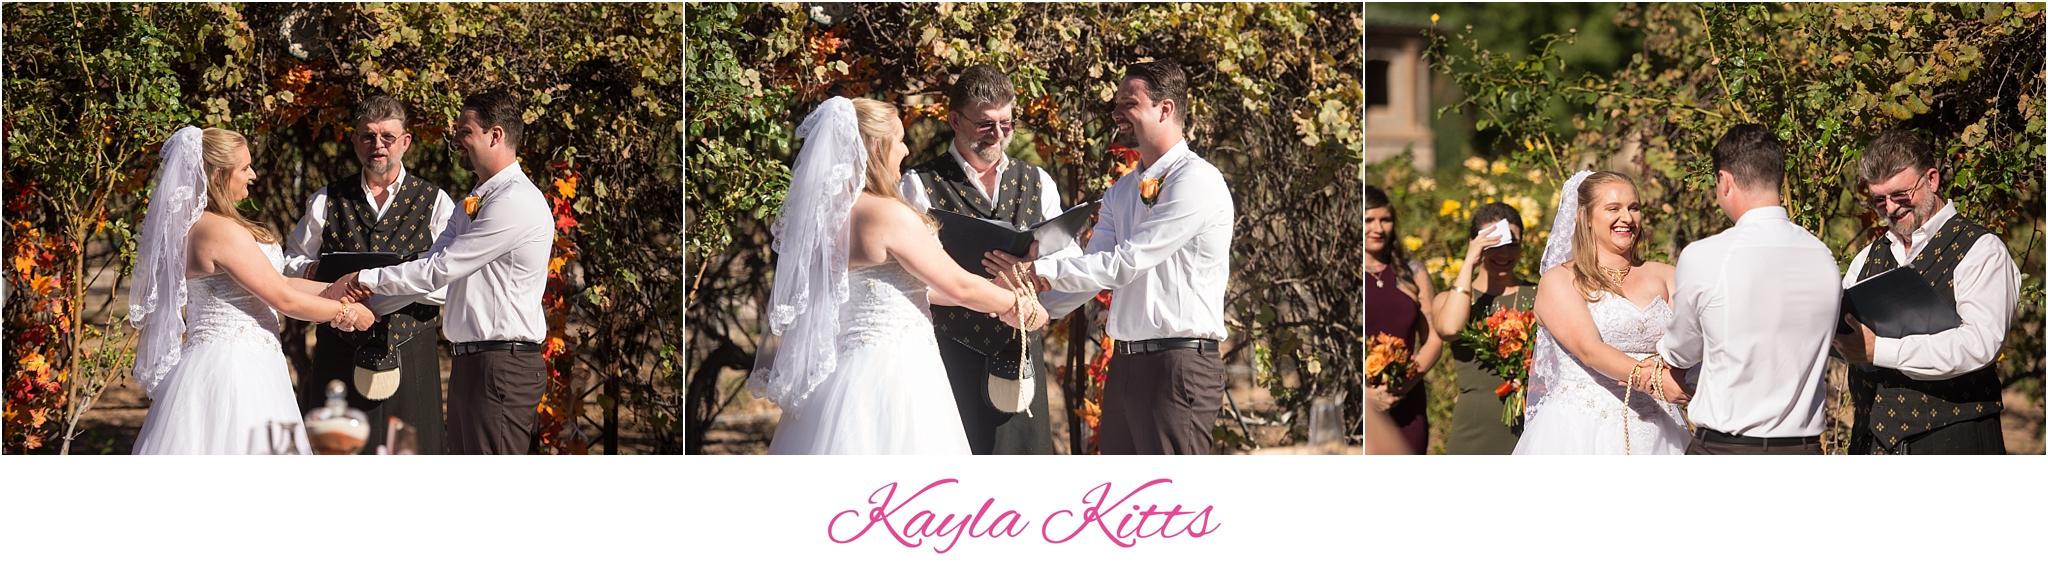 kayla kitts photography - albuquerque wedding photographer - albuquerque wedding photography - albuquerque venue - casa rondena - casa rondea wedding - new mexico wedding photographer_0010.jpg